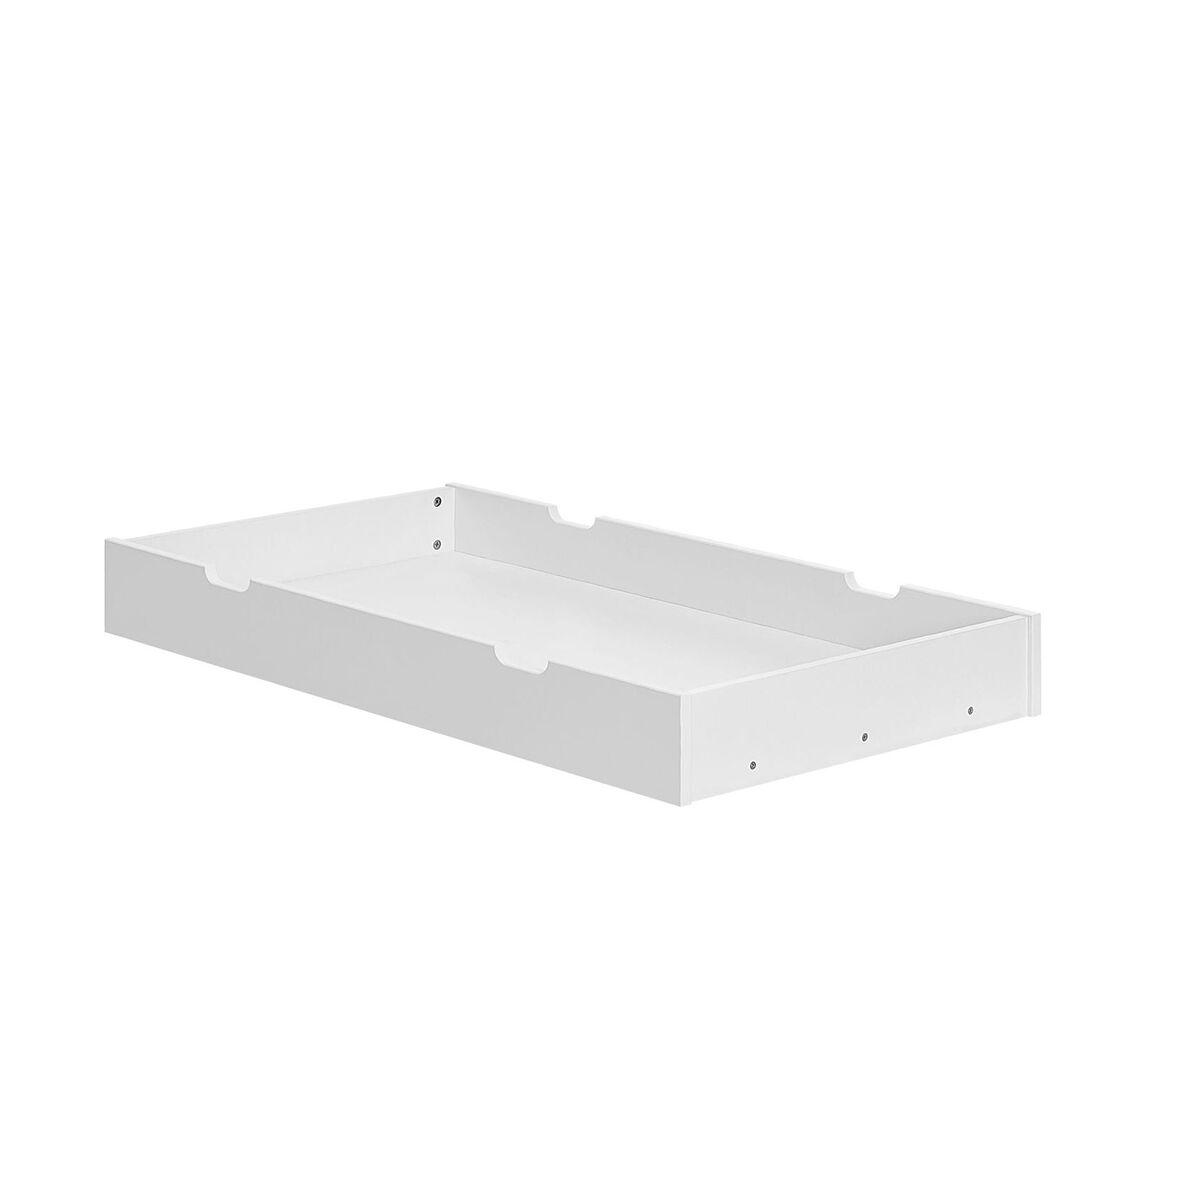 Pinio Tiroir pour lit évolutif 70x140 blanc